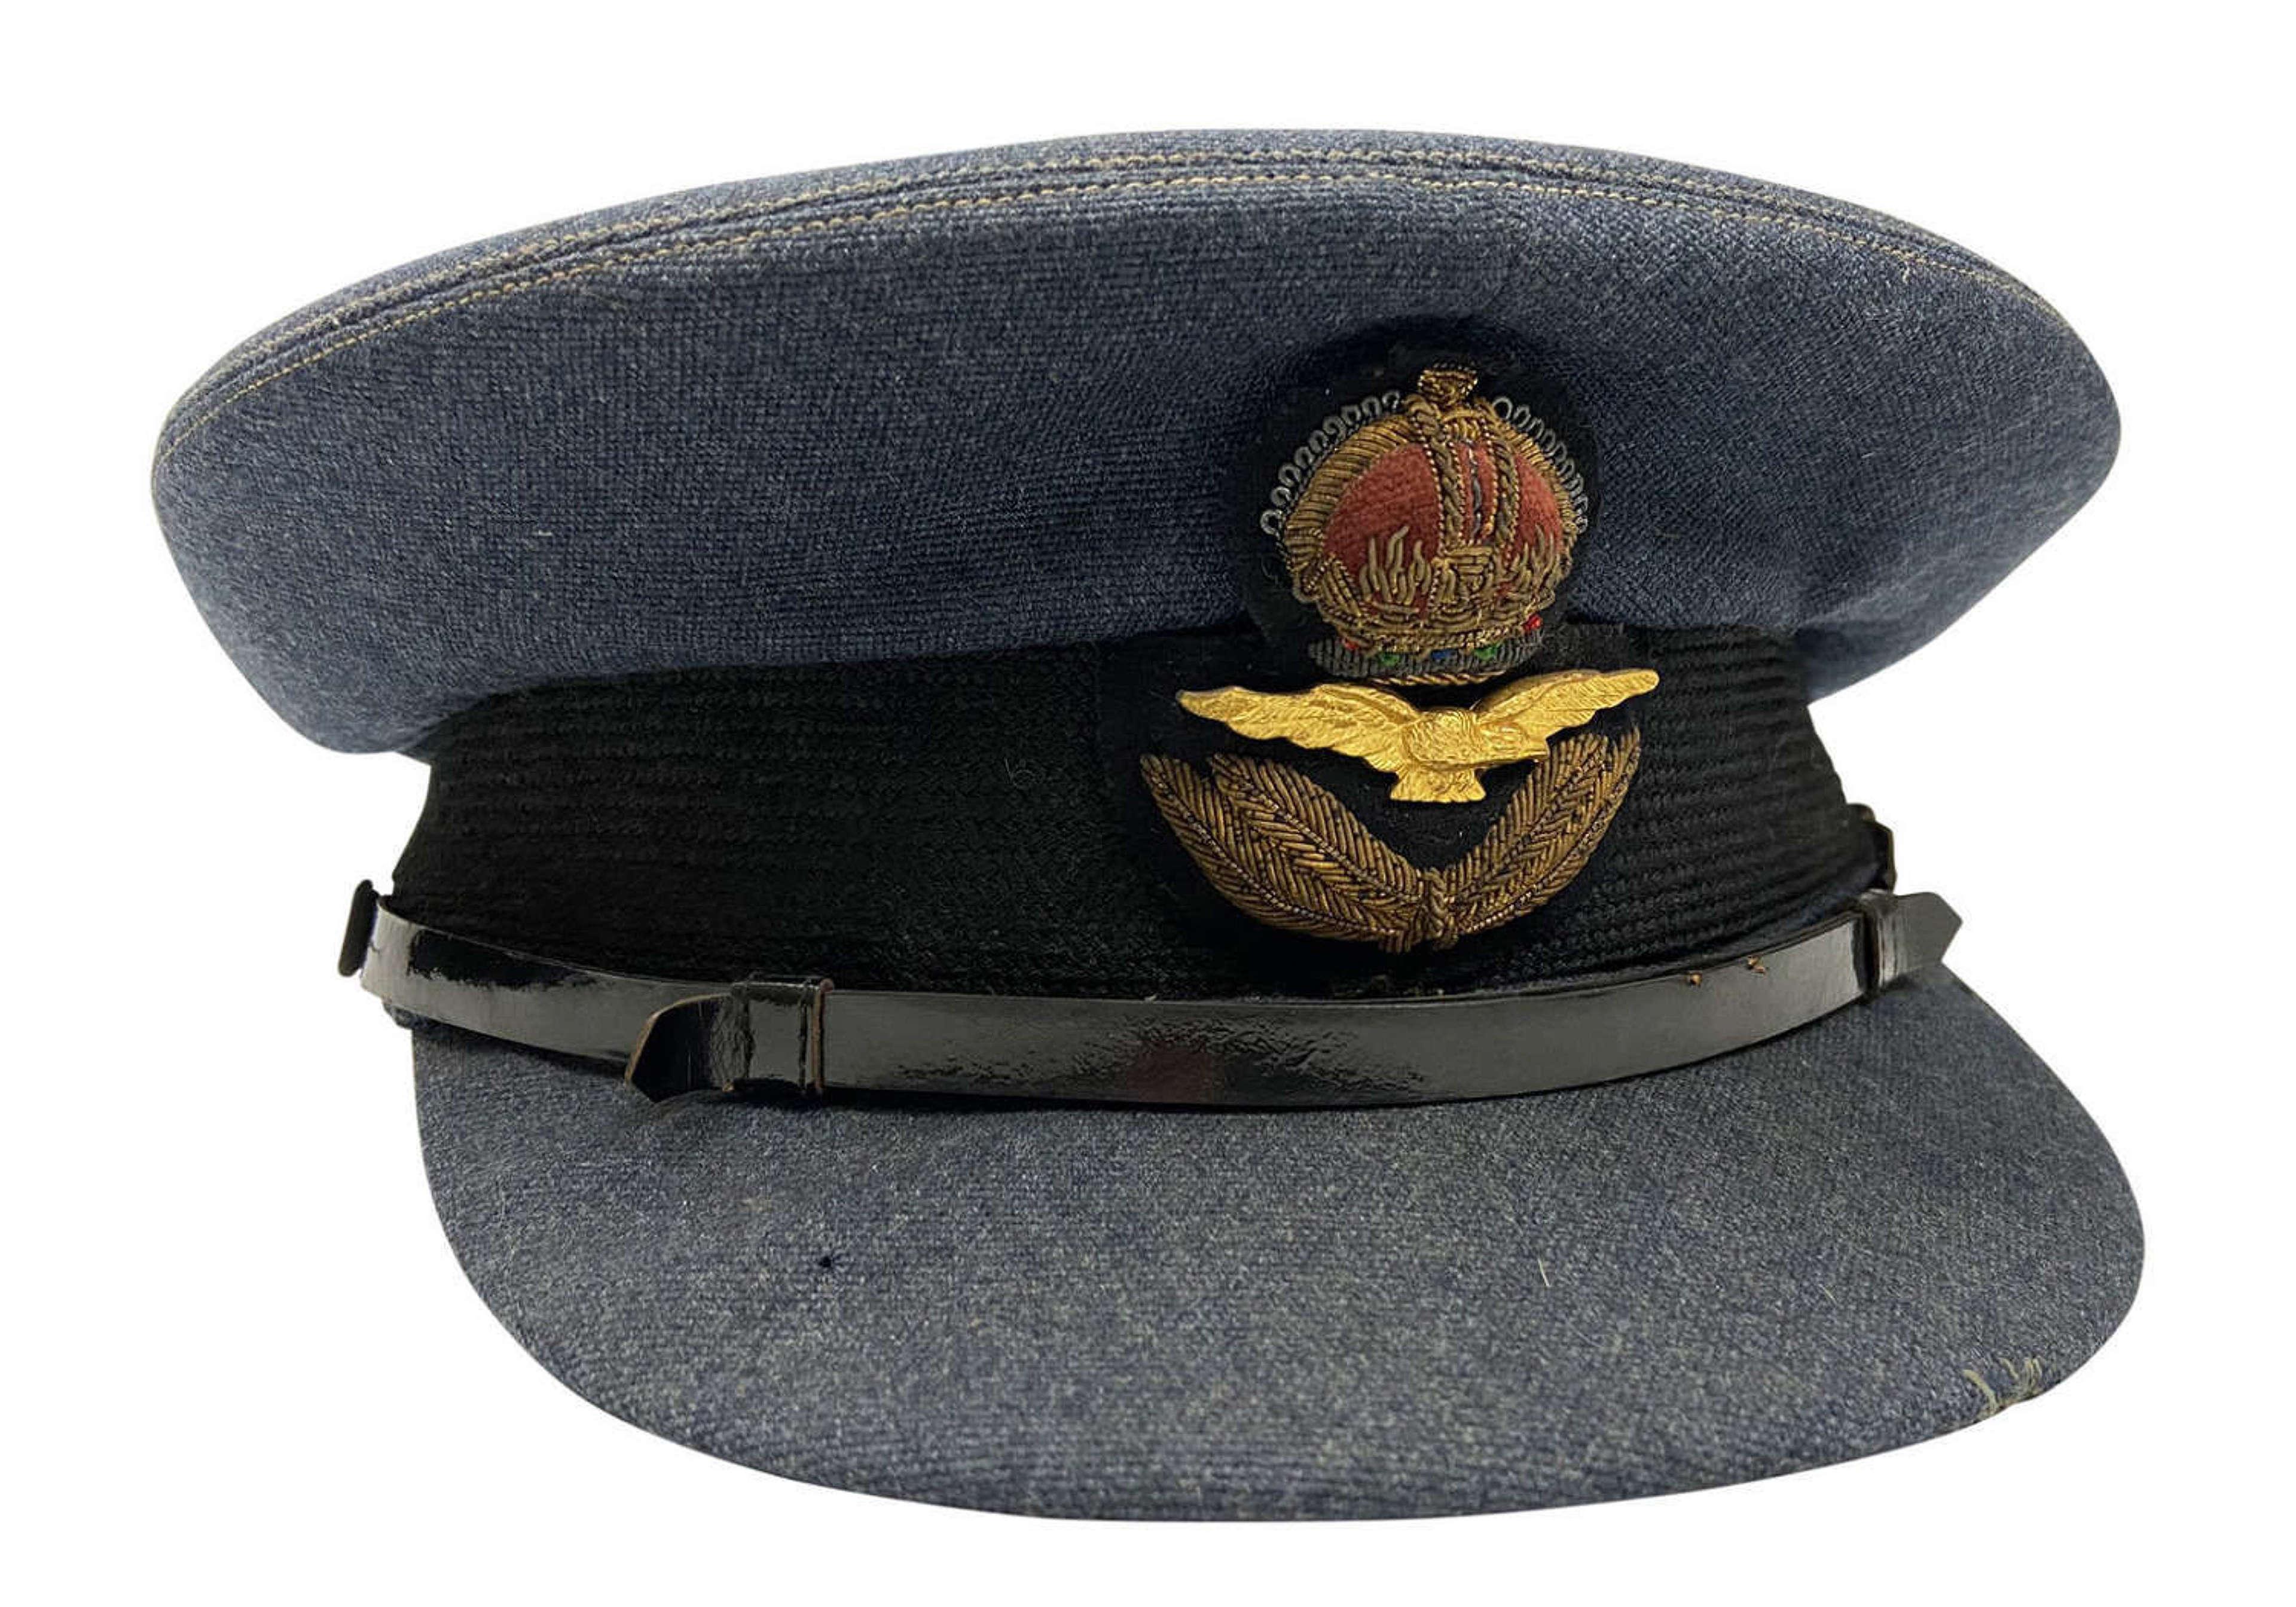 Original WW2 RAF Officers Peaked Cap by 'Alkit'